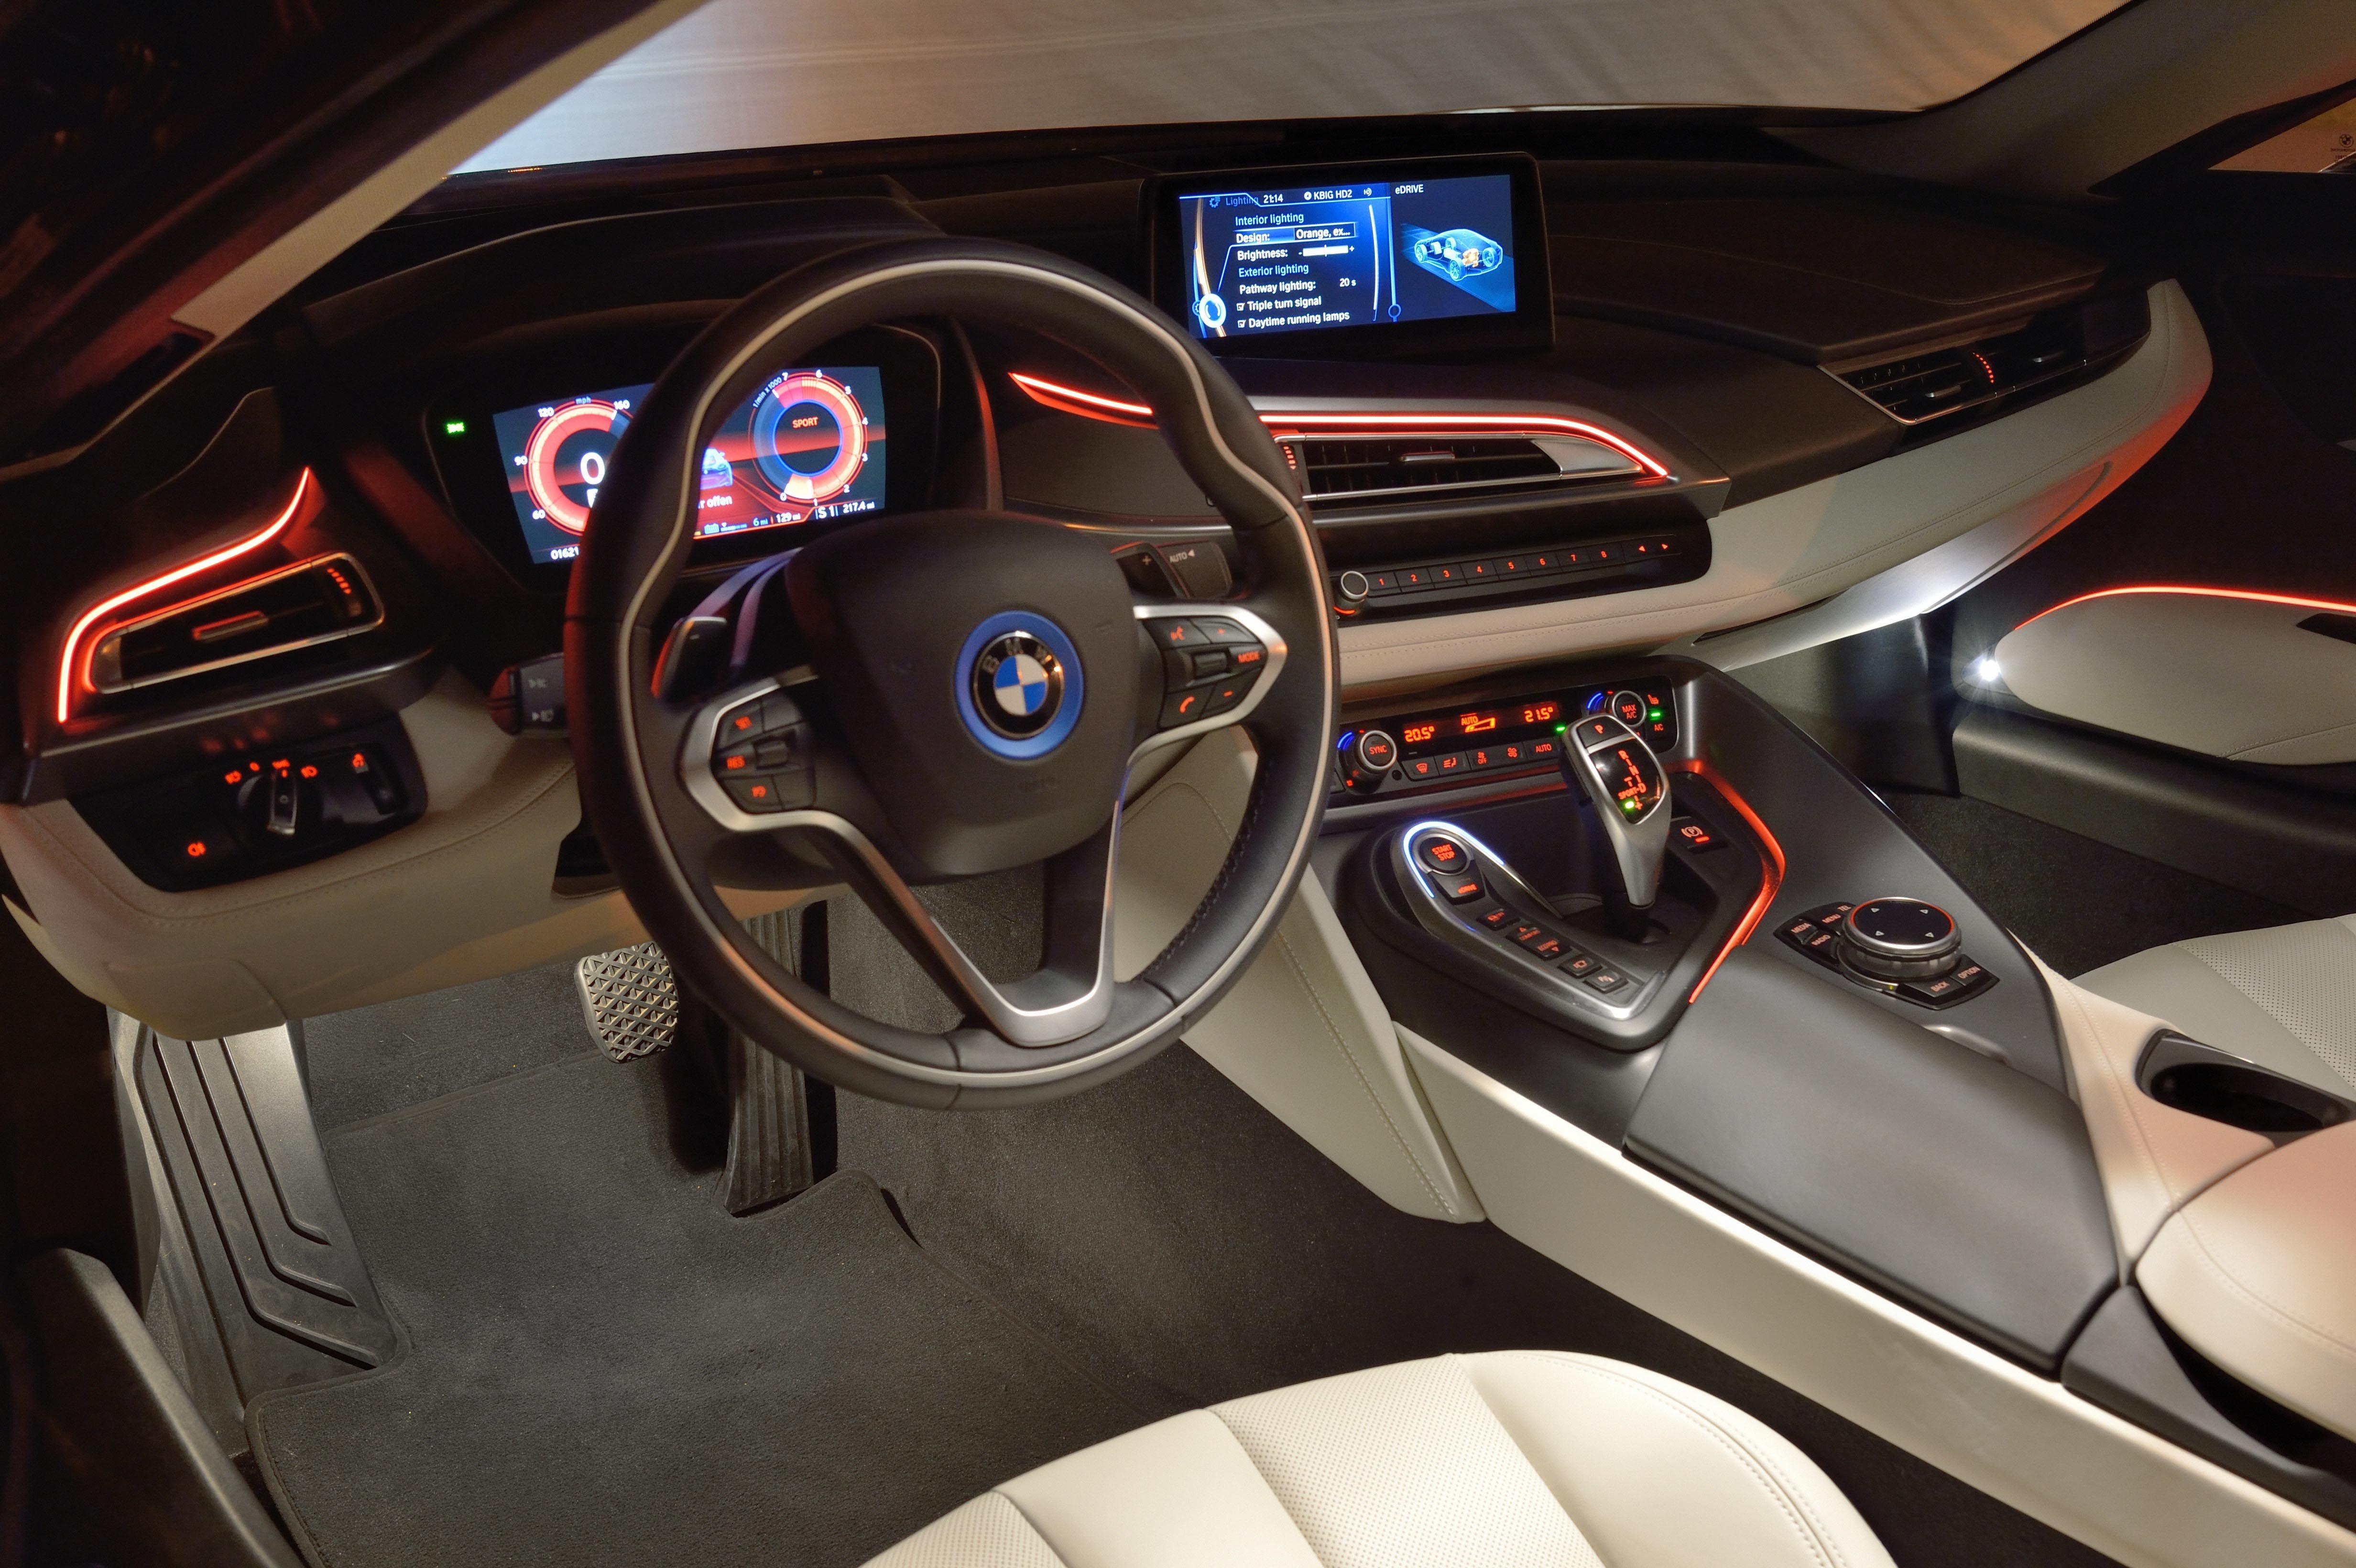 Bmw I8 Interior 3 Jpg 4928 3280 With Images Bmw I8 Bmw Bmw